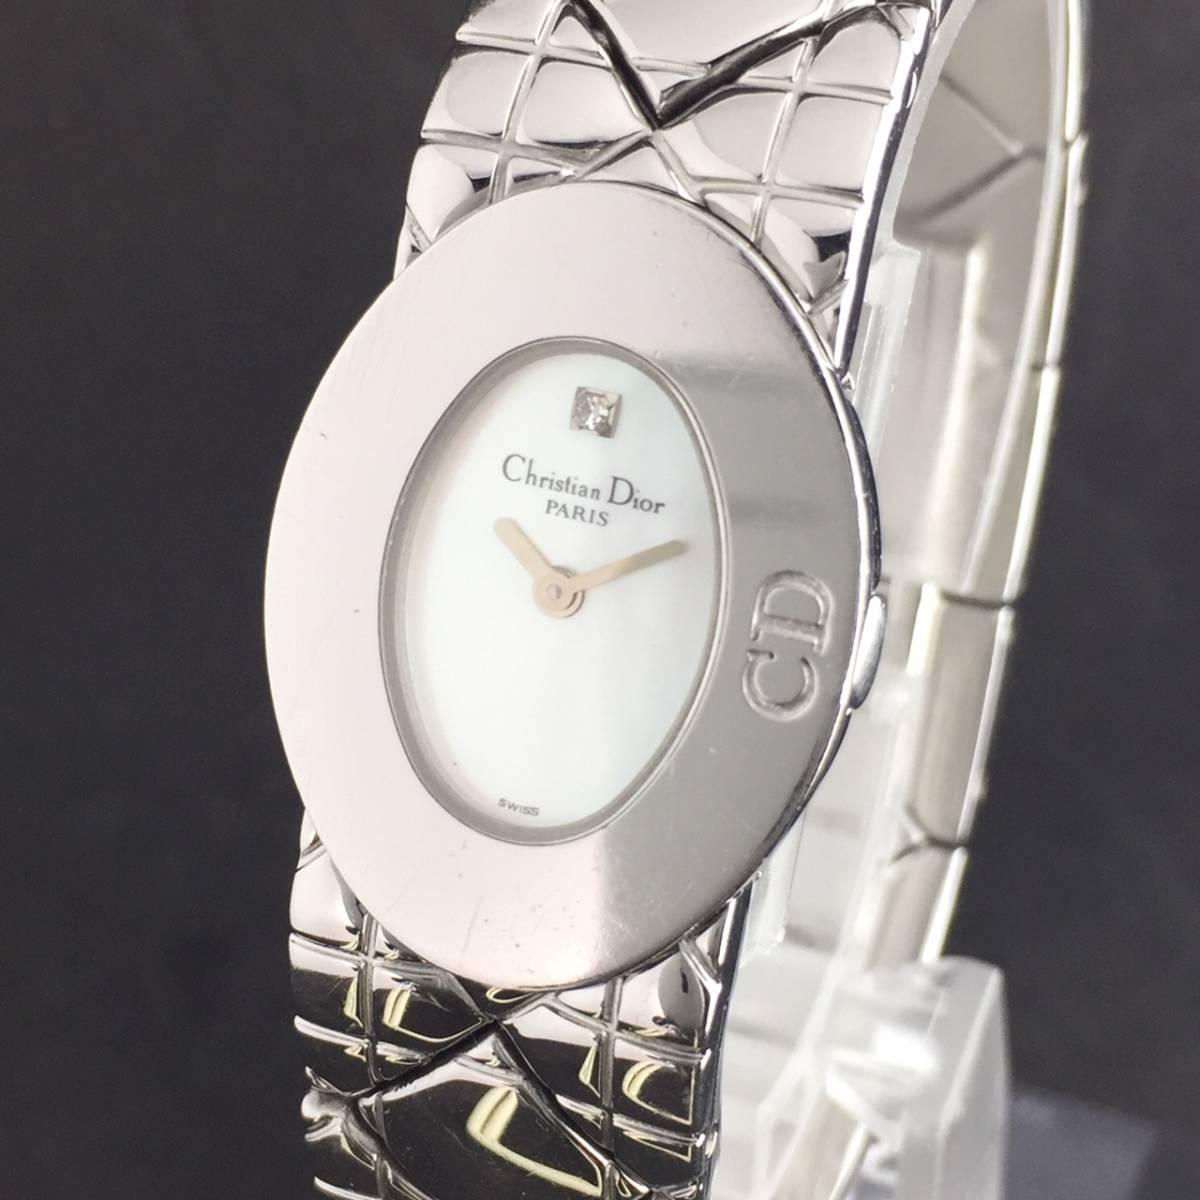 【1円良品】Christian Dior クリスチャン ディオール 腕時計 レディース D90-100 1P ダイヤ シェル文字盤 稼動品